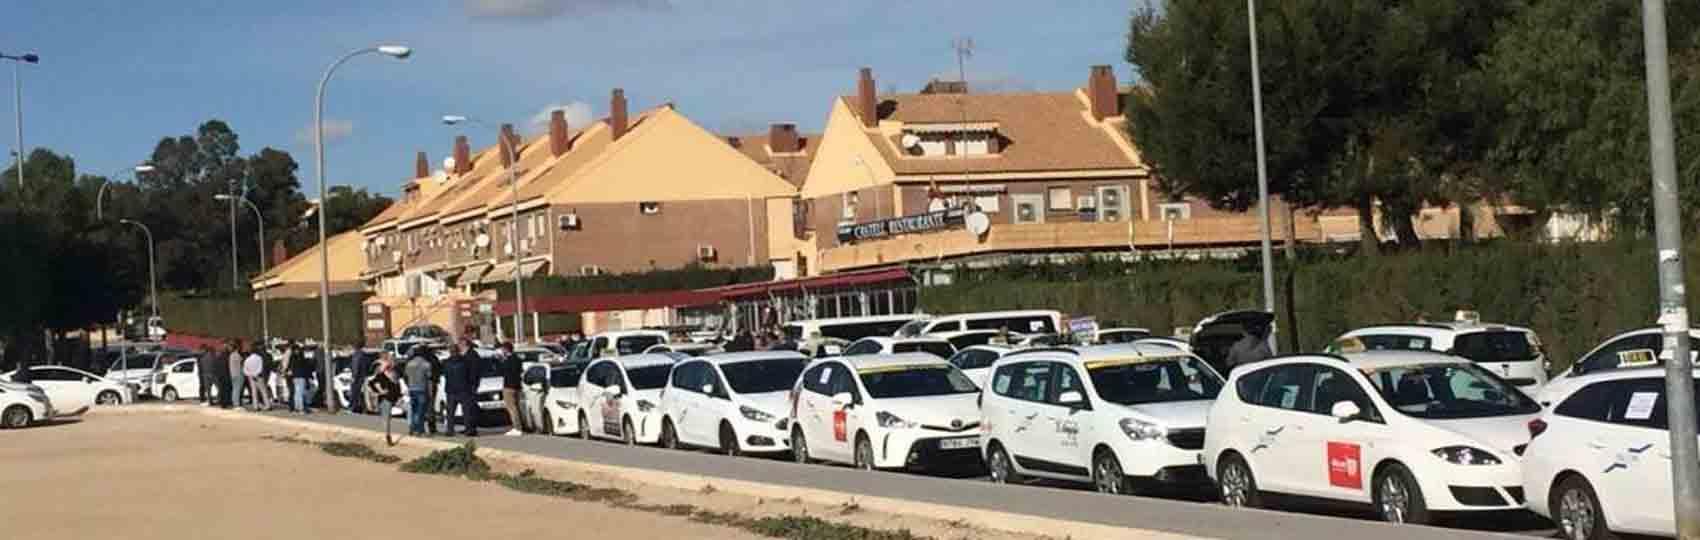 Noticias del sector del taxi y la movilidad en Alicante. Mantente informado de todas las noticias del taxi de Alicante en el grupo de Facebook de Todo Taxi.